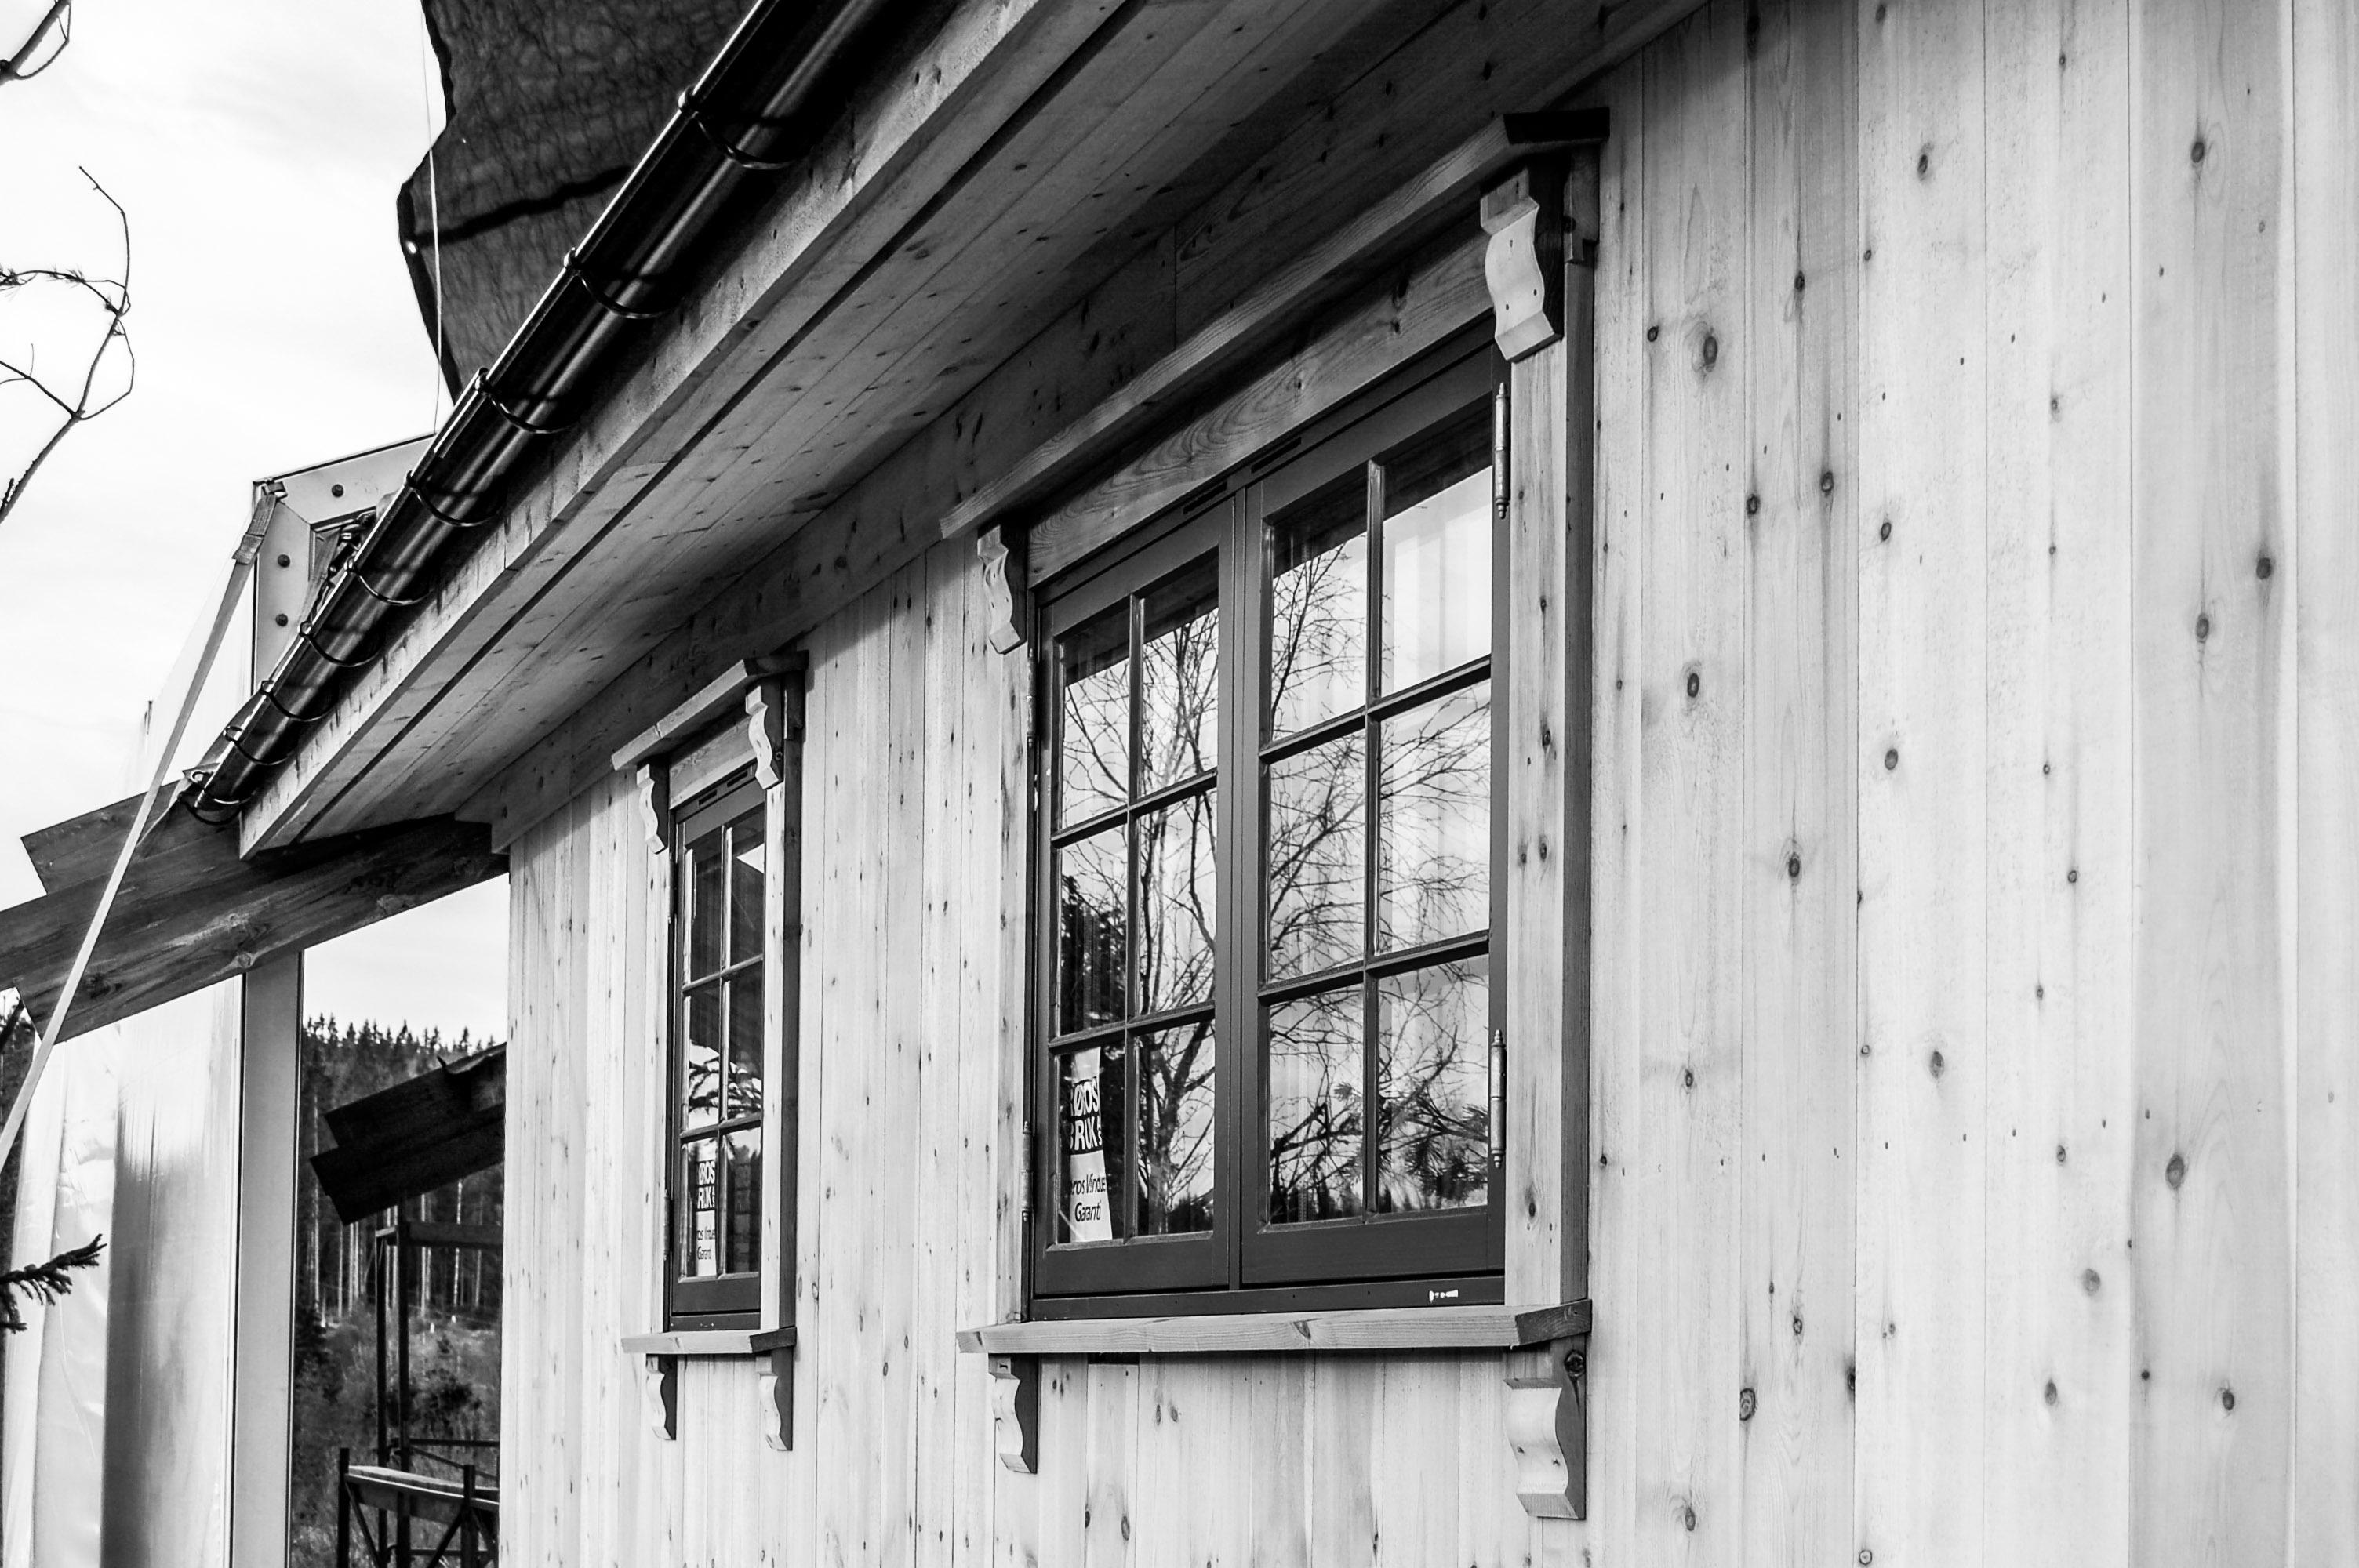 Byggmester Jens Frone-095